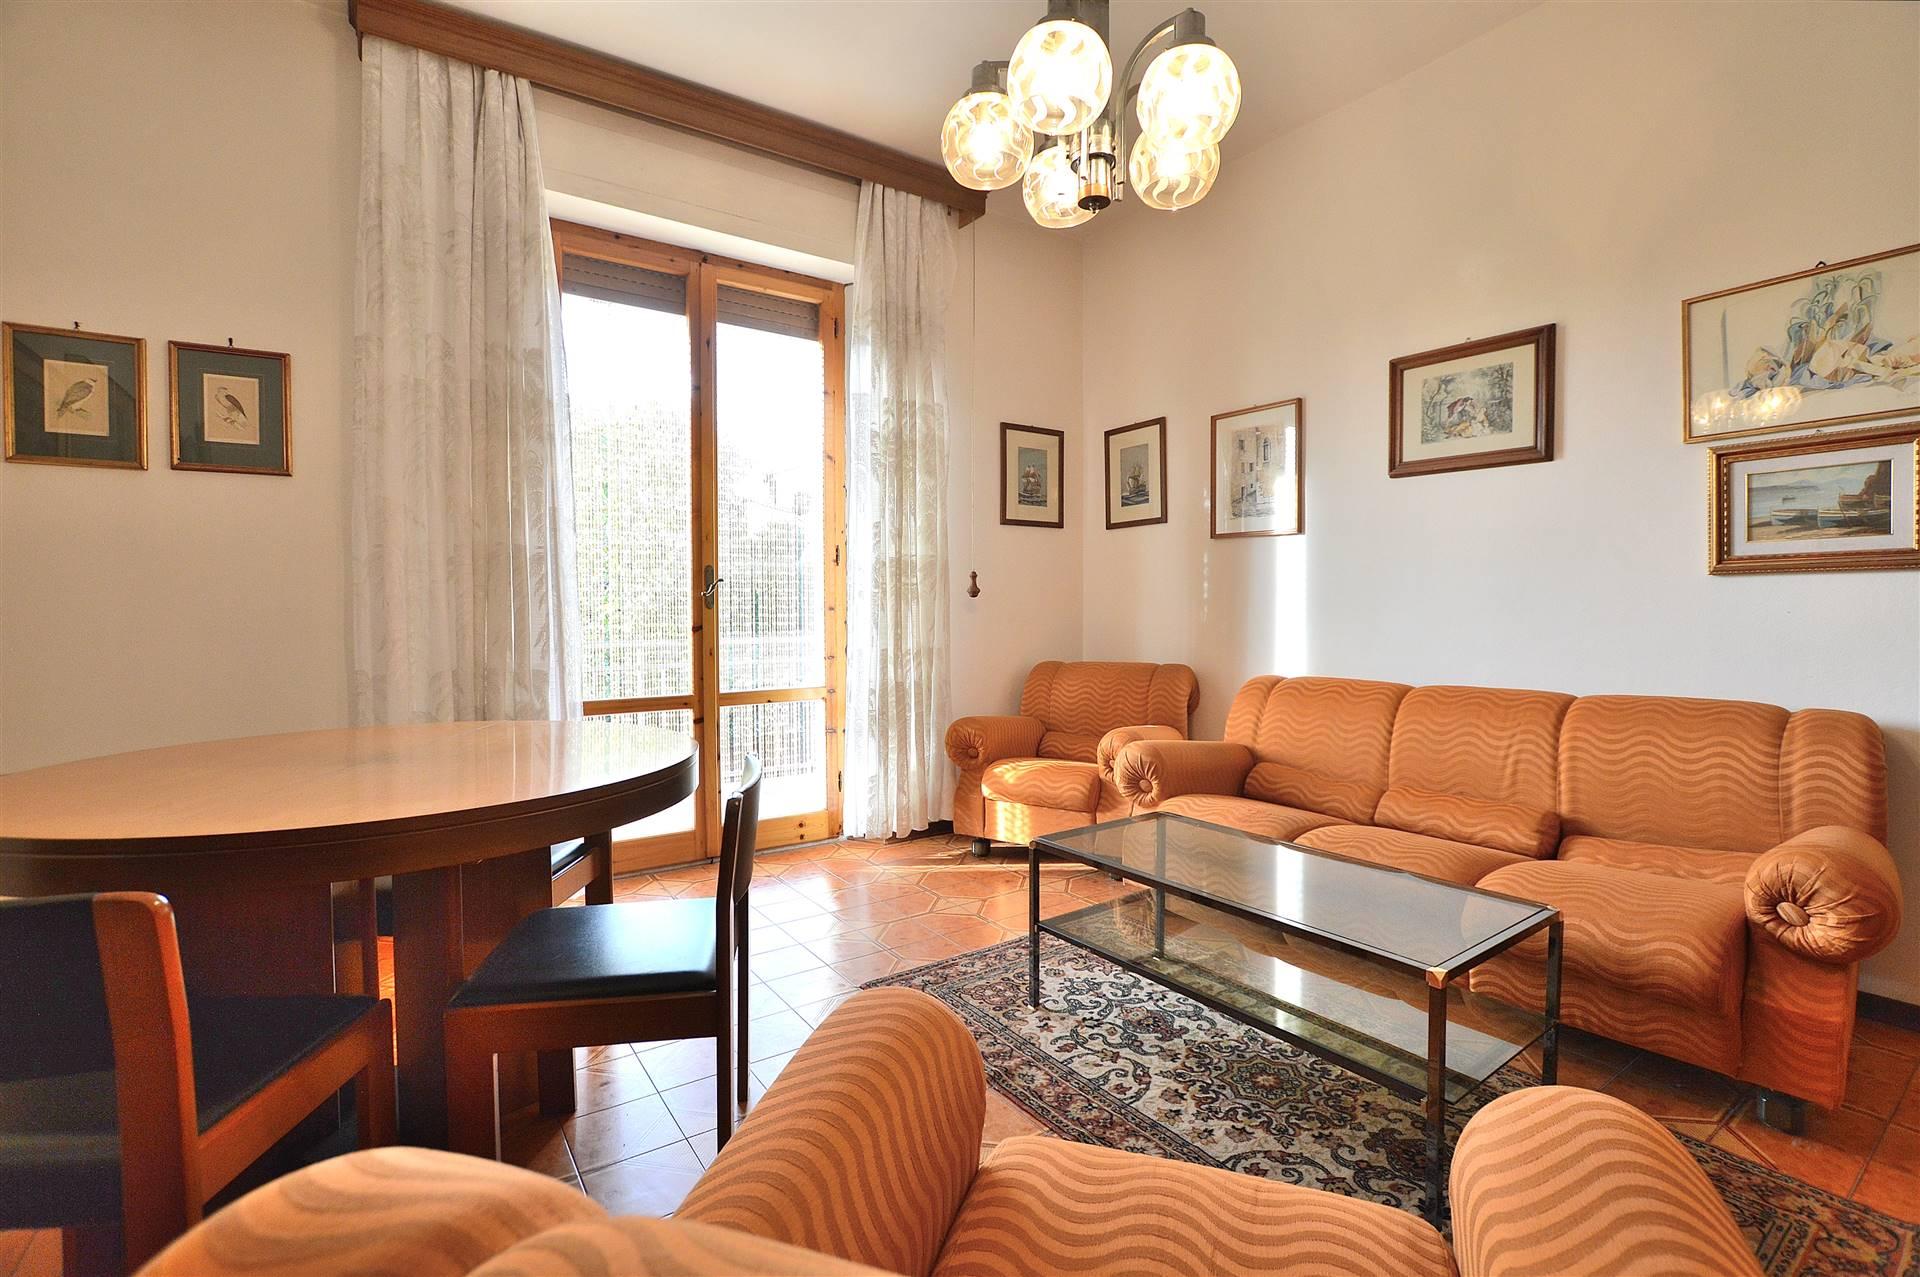 Vescovado di Murlo, in zona tranquilla e servita, proponiamo ampio appartamento posto al primo piano di una piccola palazzina così composto: ingresso,